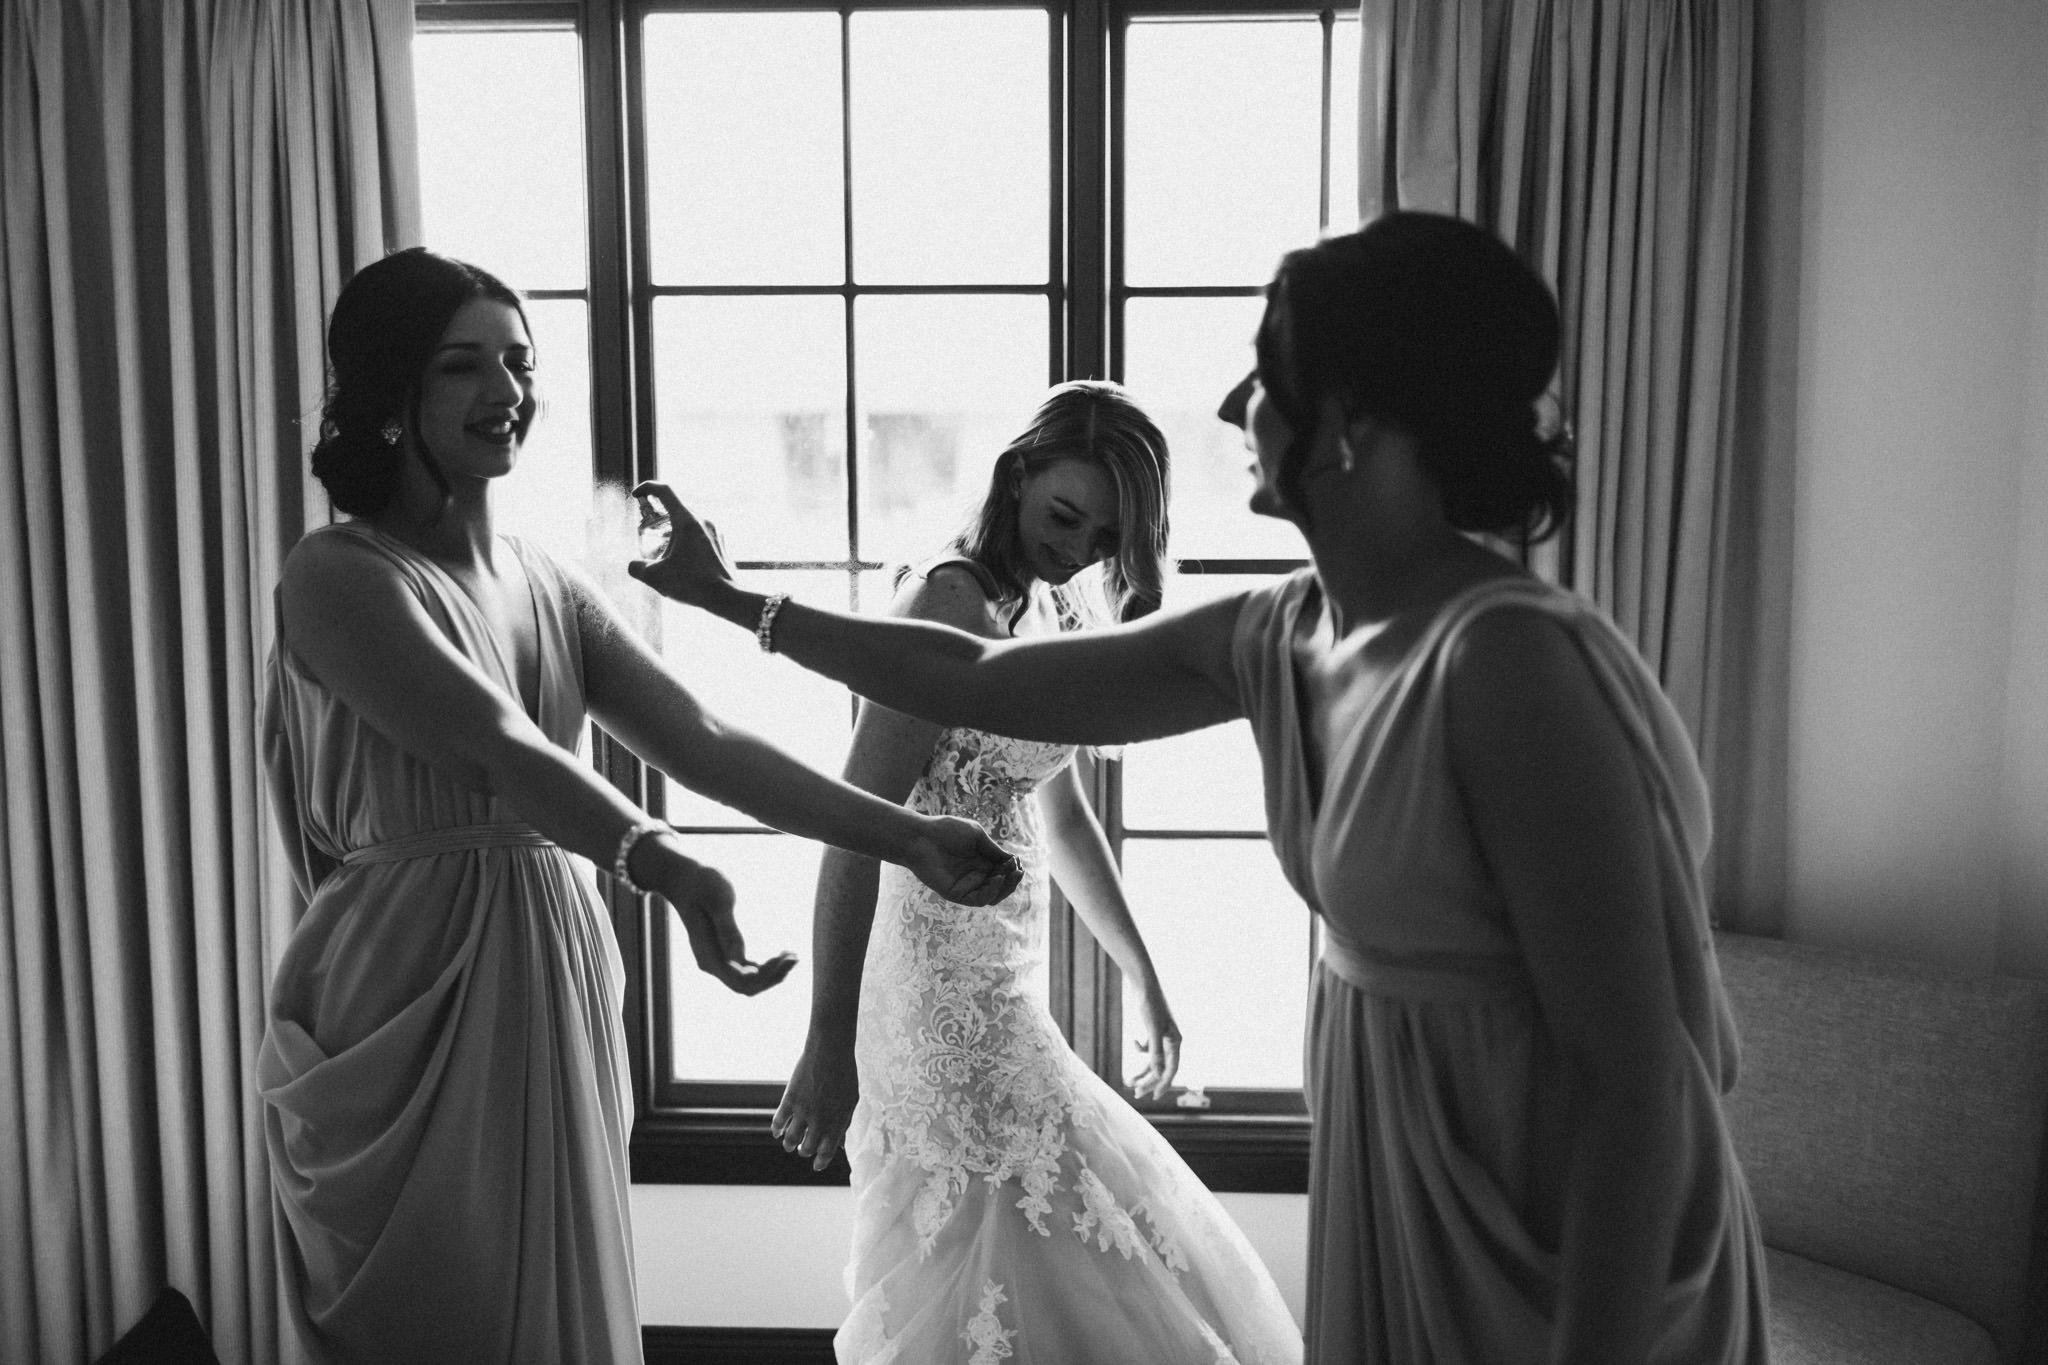 WeddingPhotos_Facebook_2048pixels-1023.jpg